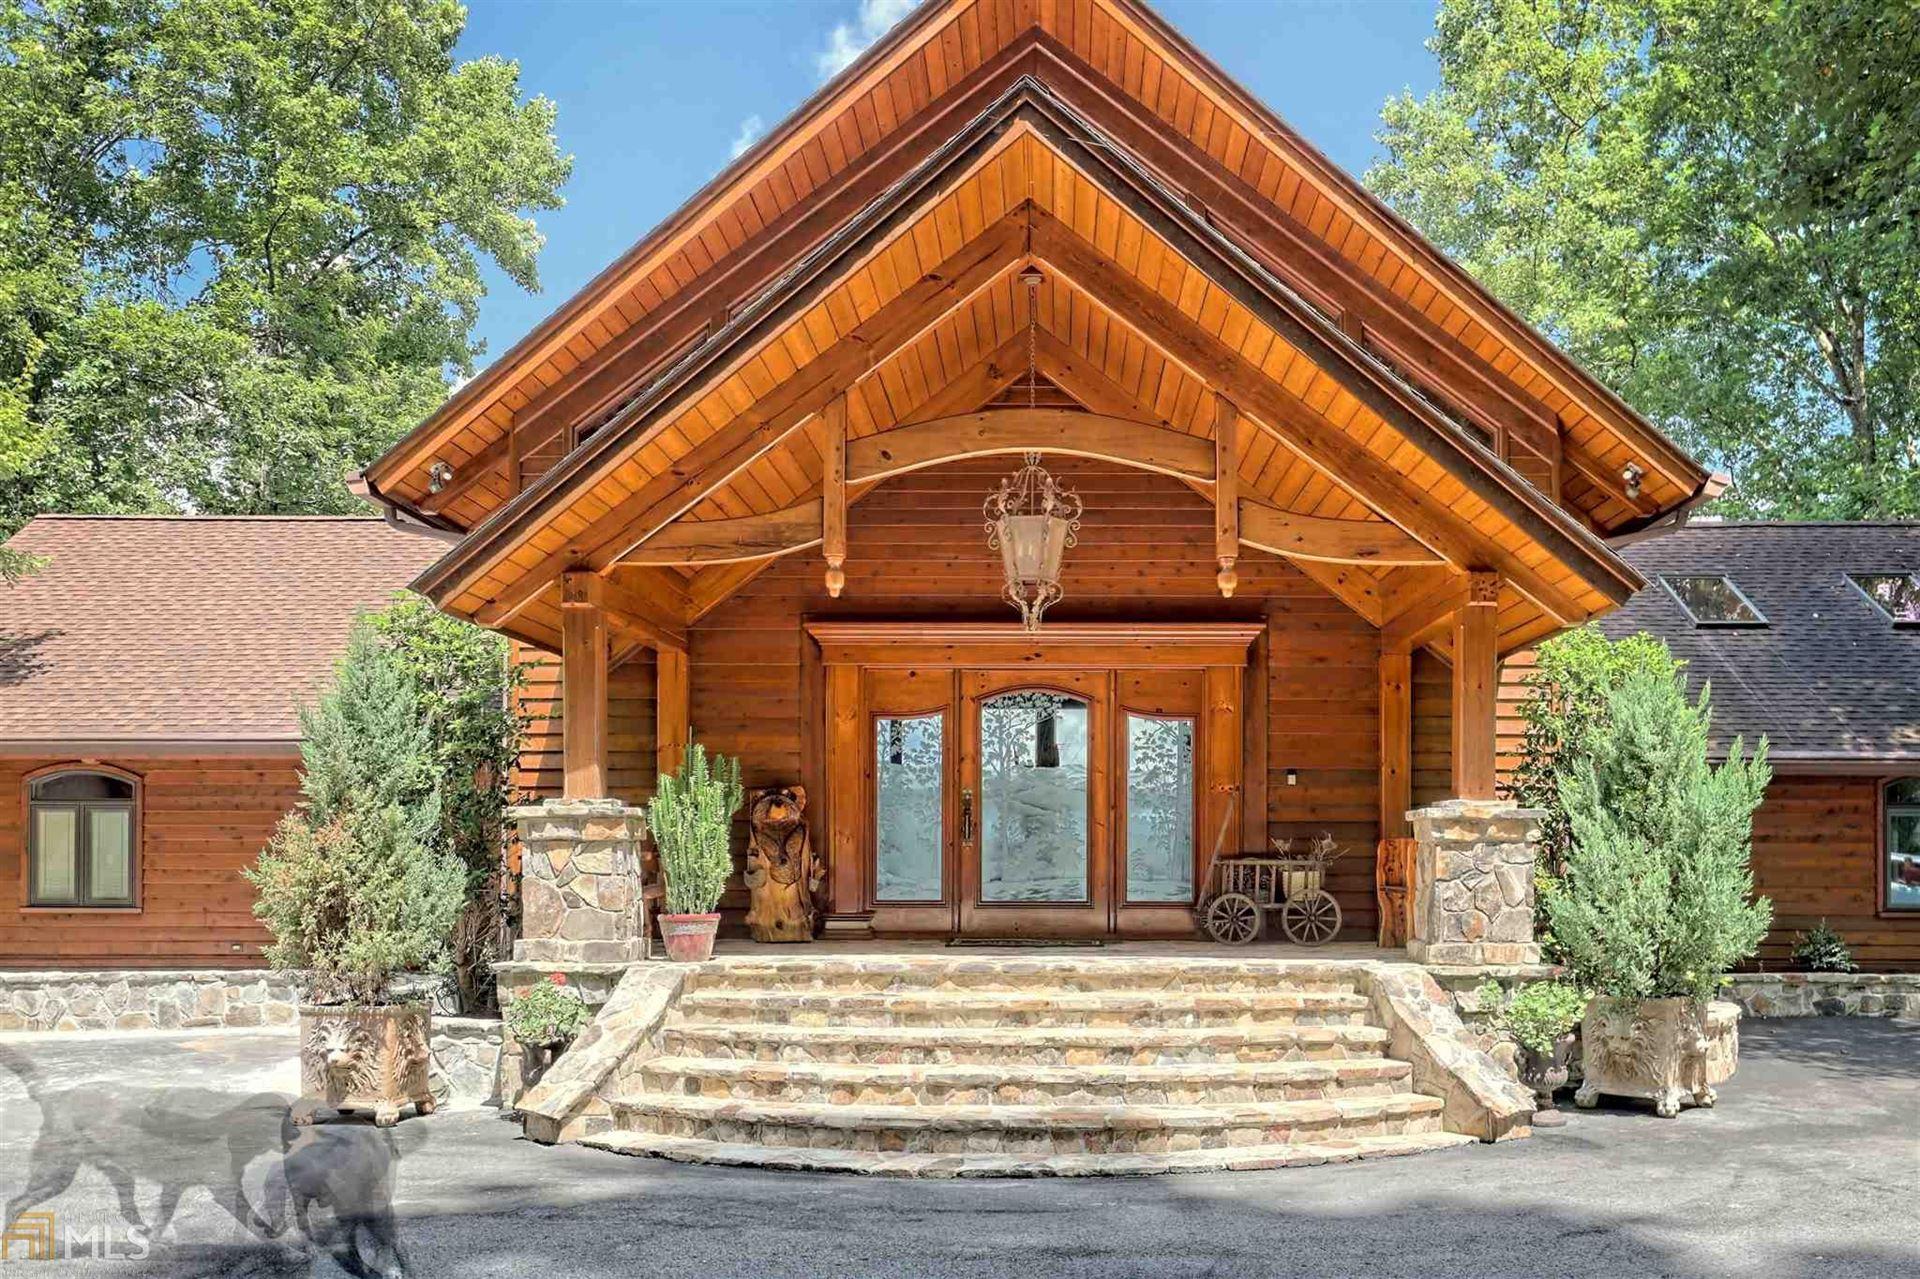 740 Falling Springs, Tiger, GA 30576 - #: 8841116